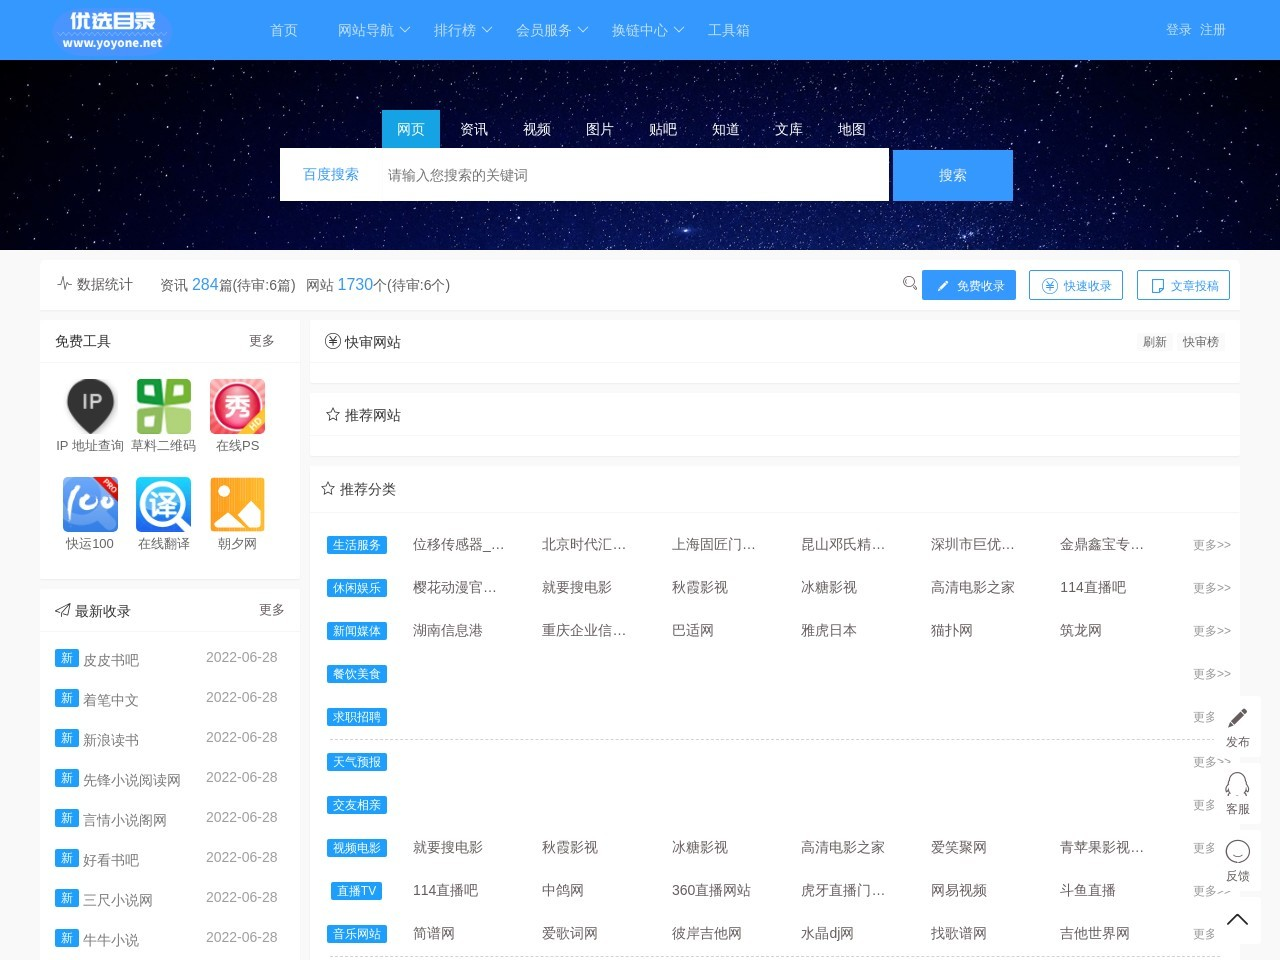 5913雅牛网自动秒收录|www.5913.net.cn-优选目录